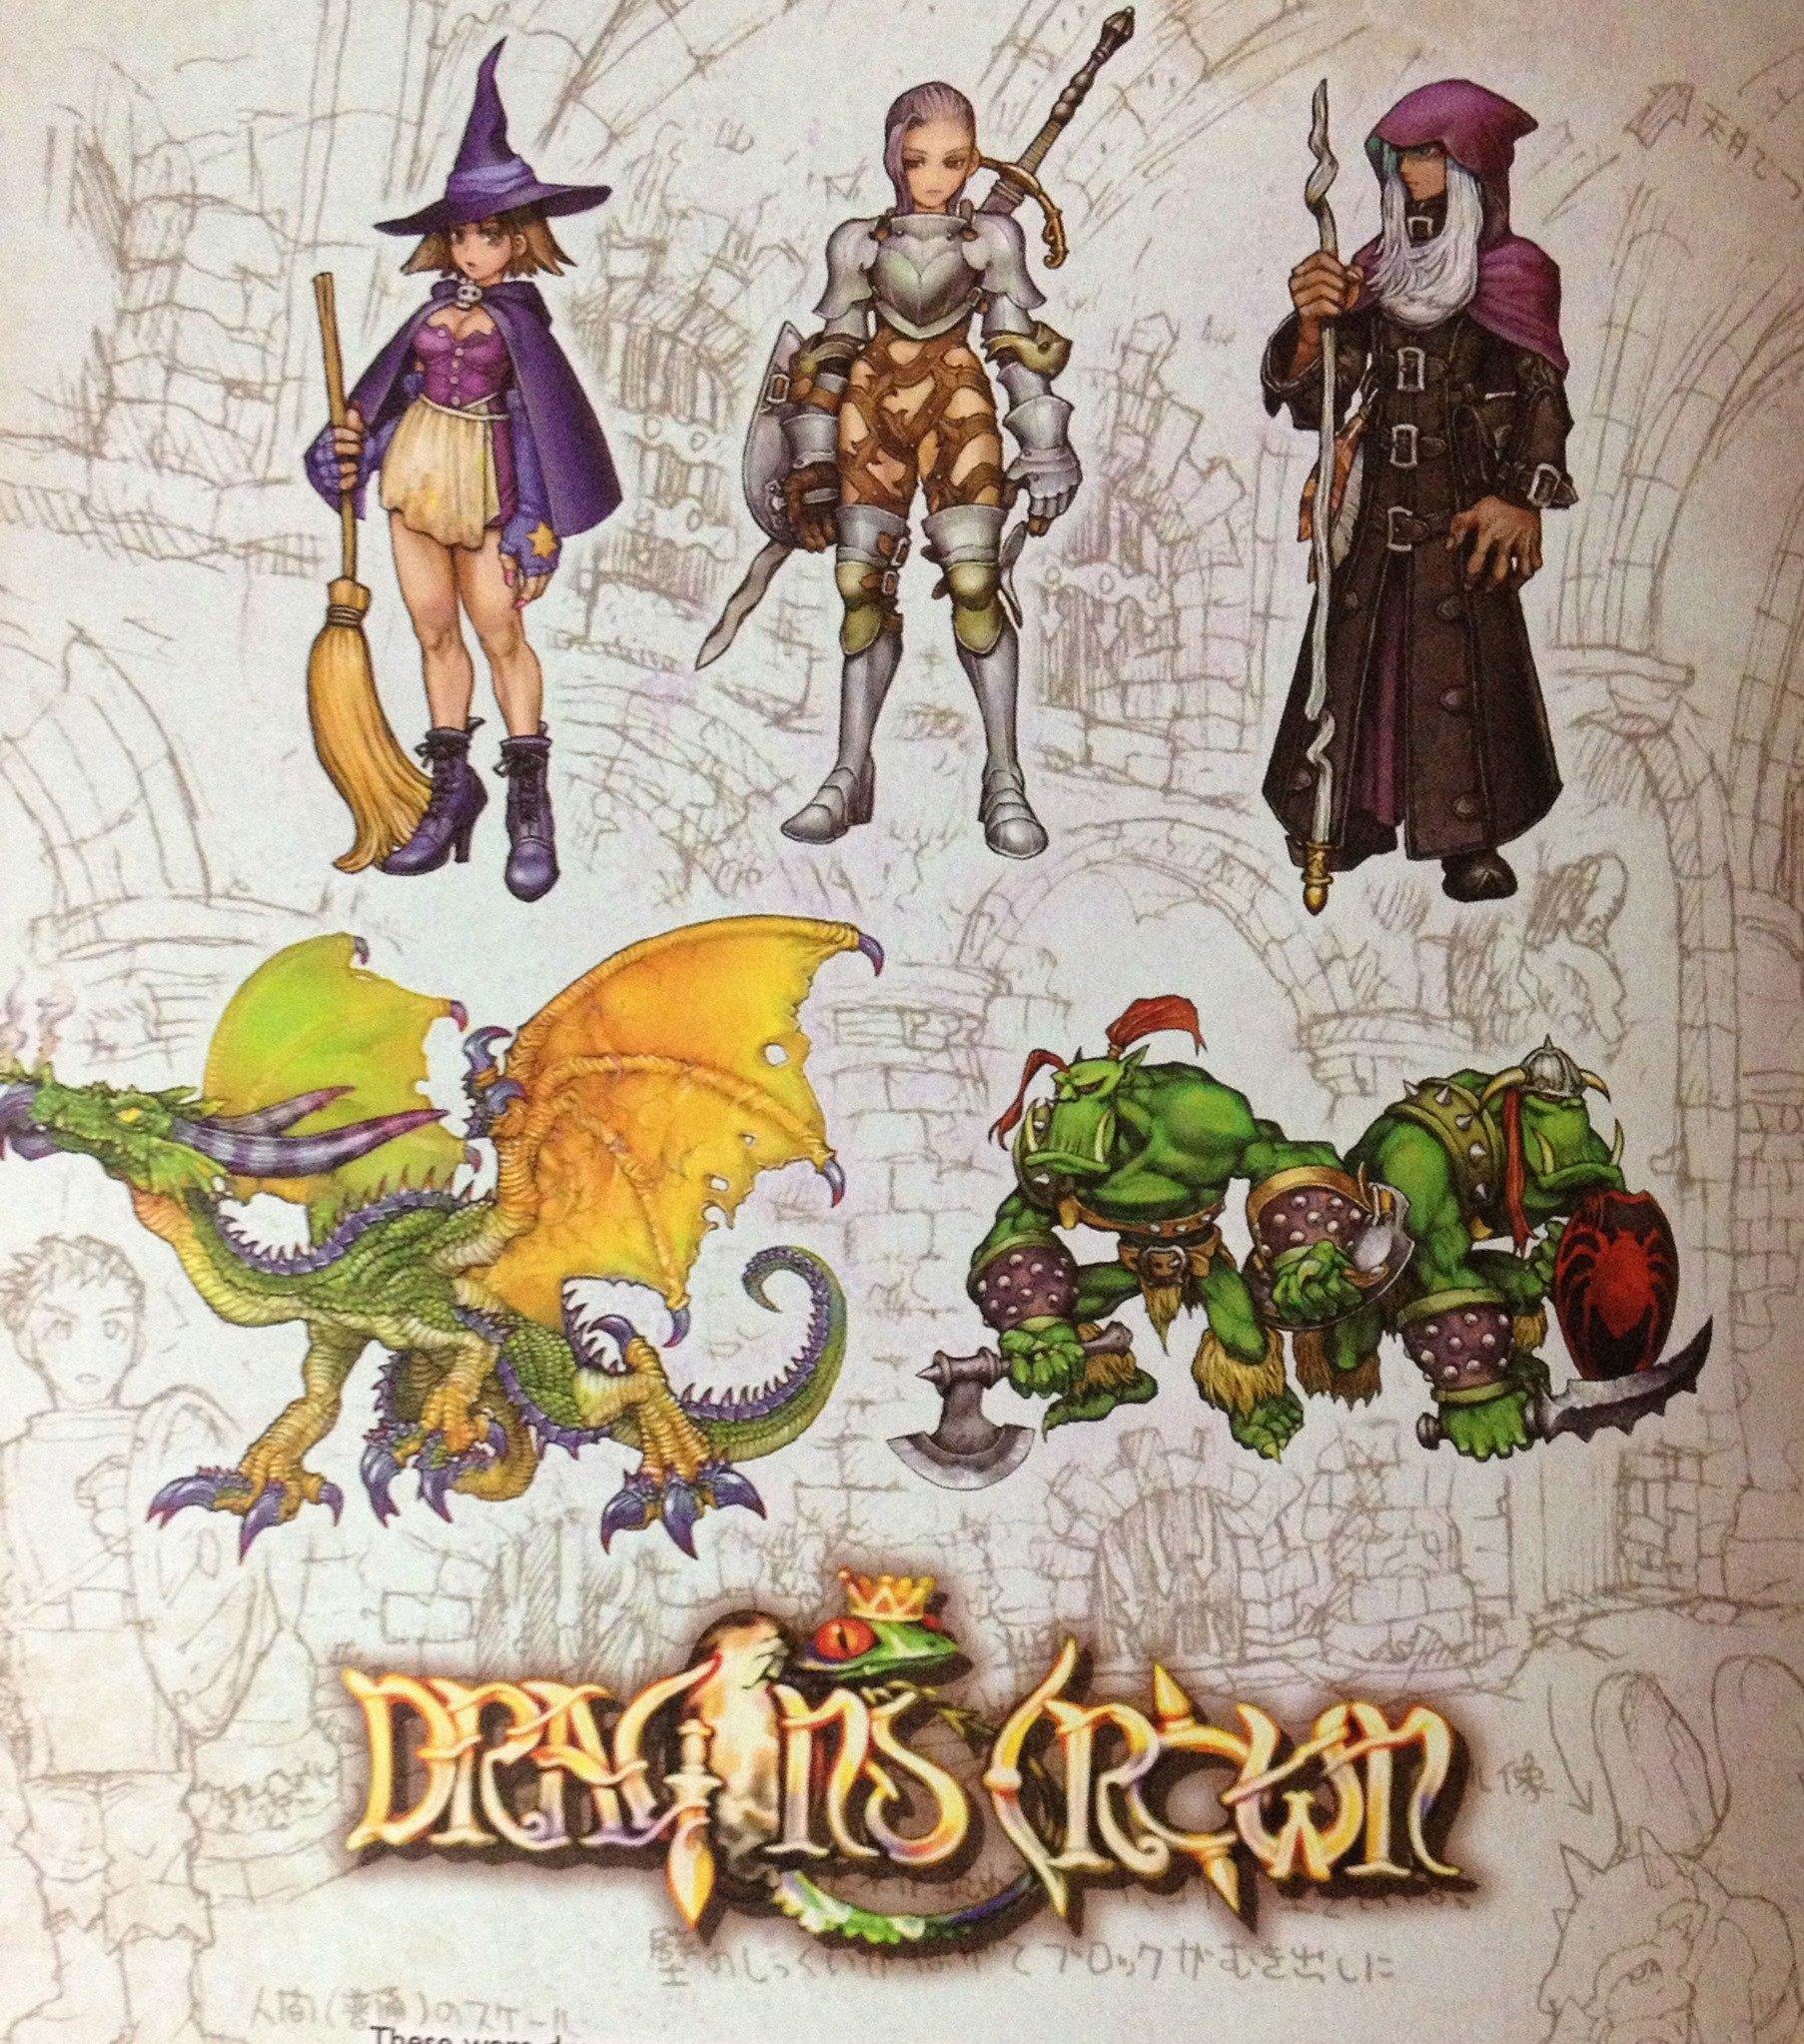 Дизайн персонажей Dragon's Crown  1998ого года, разрабатывающийся под Dreamcas. - Изображение 1